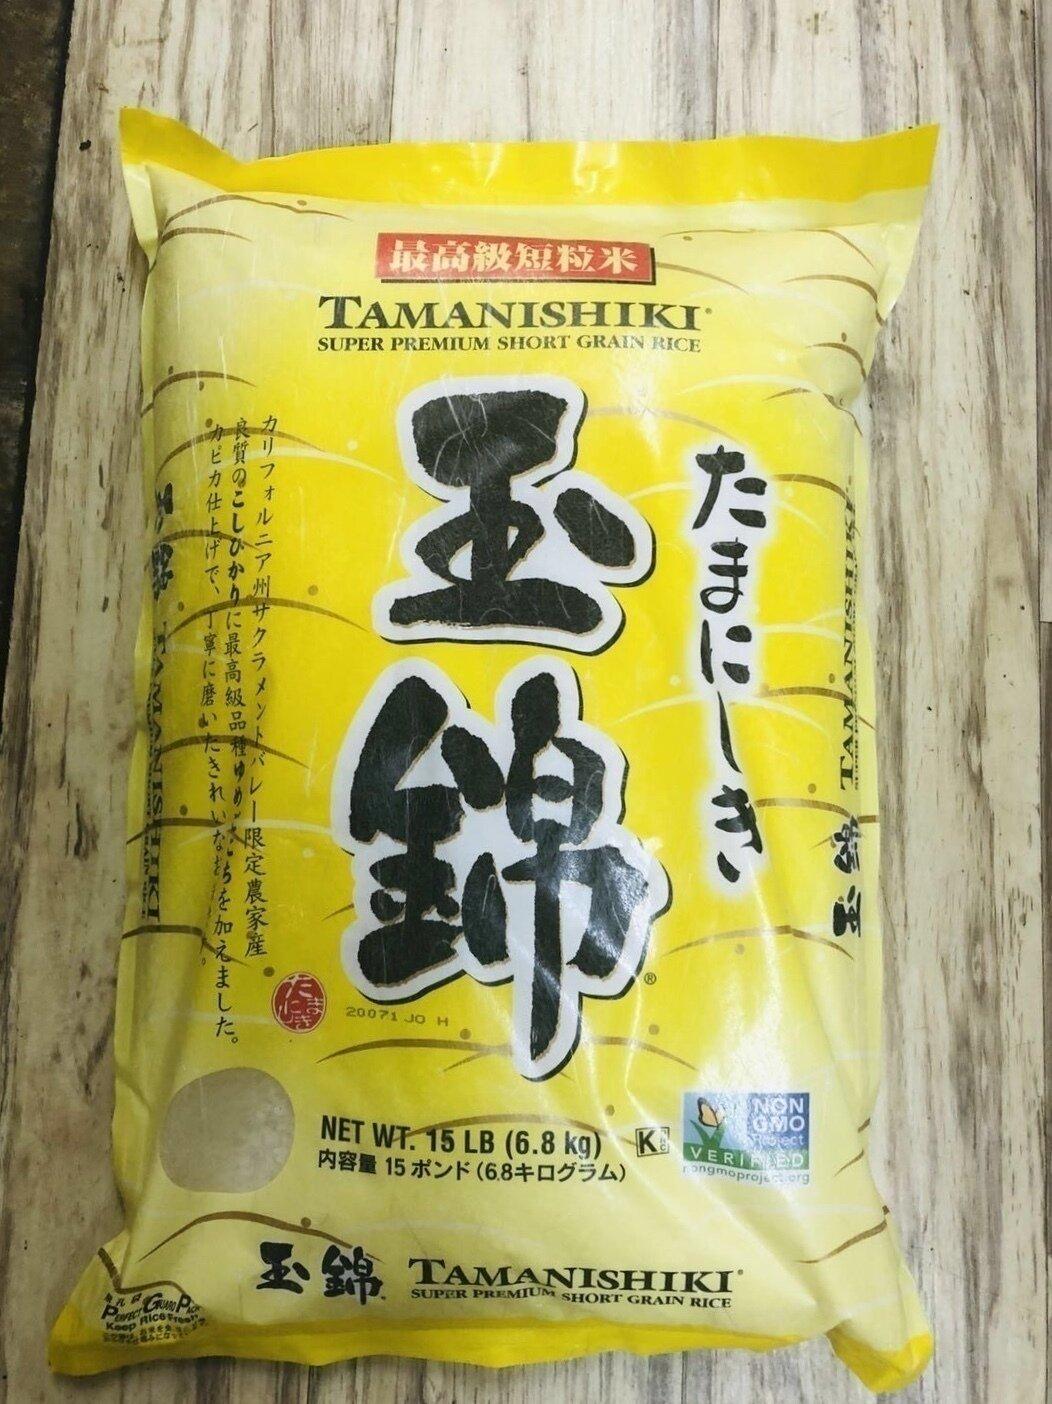 玉锦 短粒米 ~15lb Tamanishiki Super Rrem Rice ~15lb